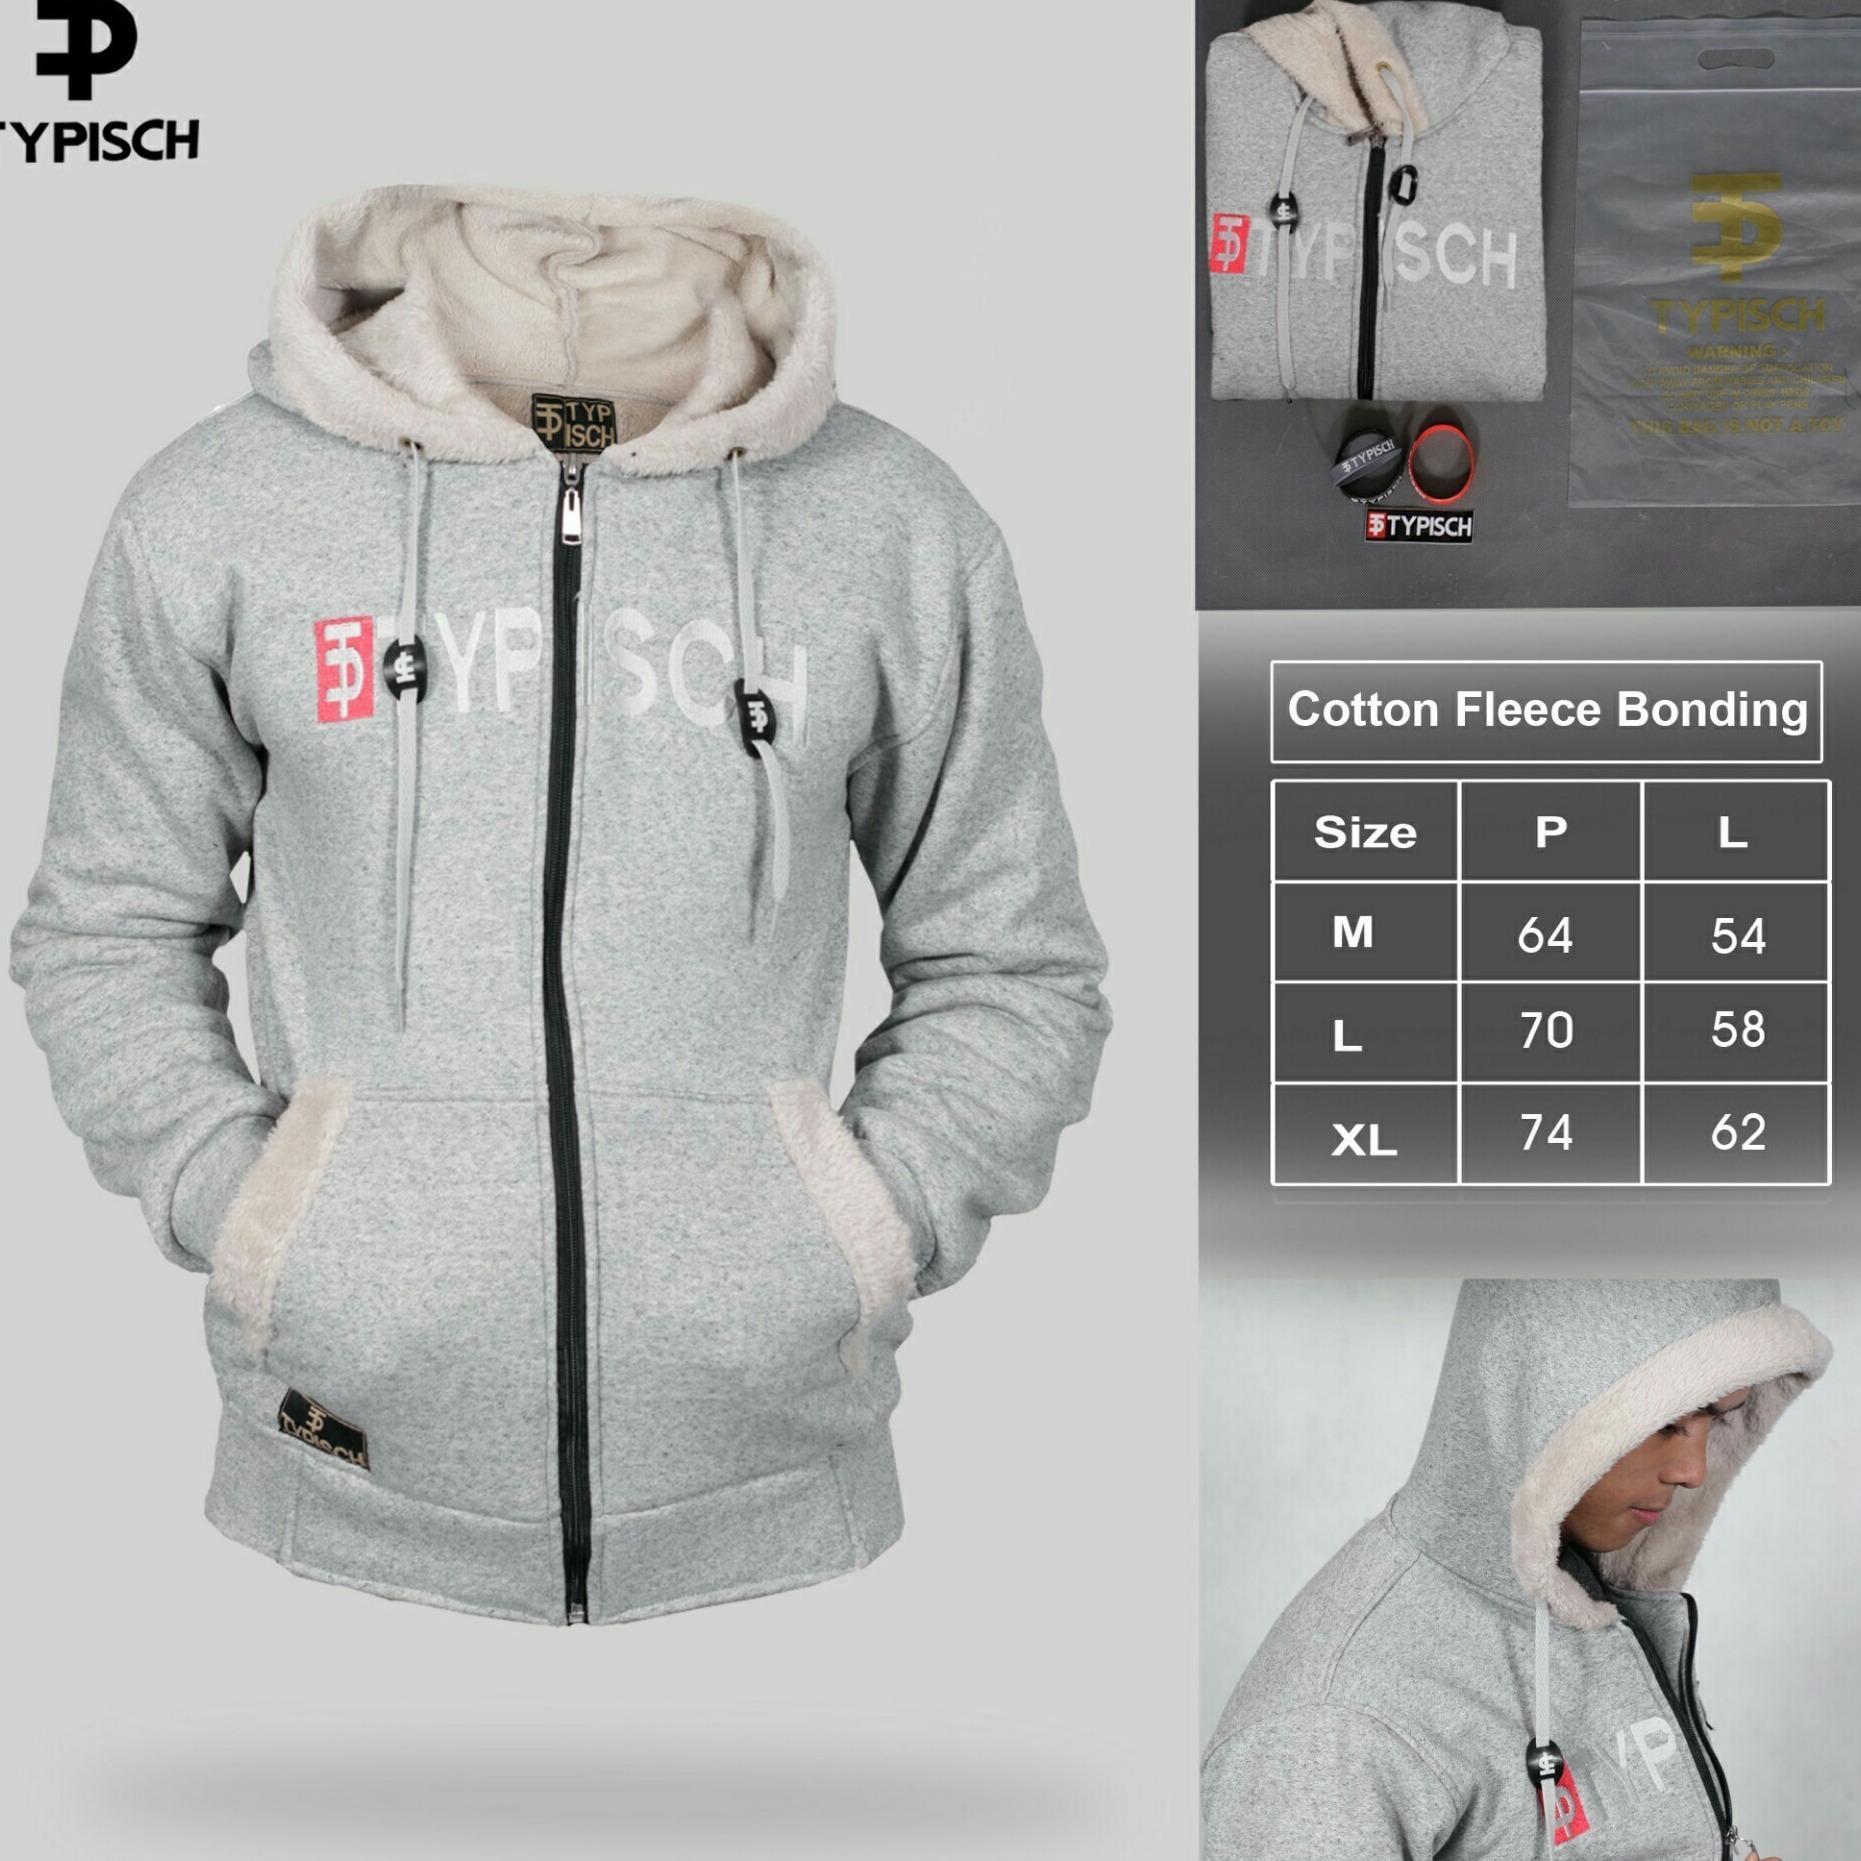 Je Fashion Pria Jaket Sweater Polos Hoodie Zipper Biru Dongker Jumper Turkis Source Typisch